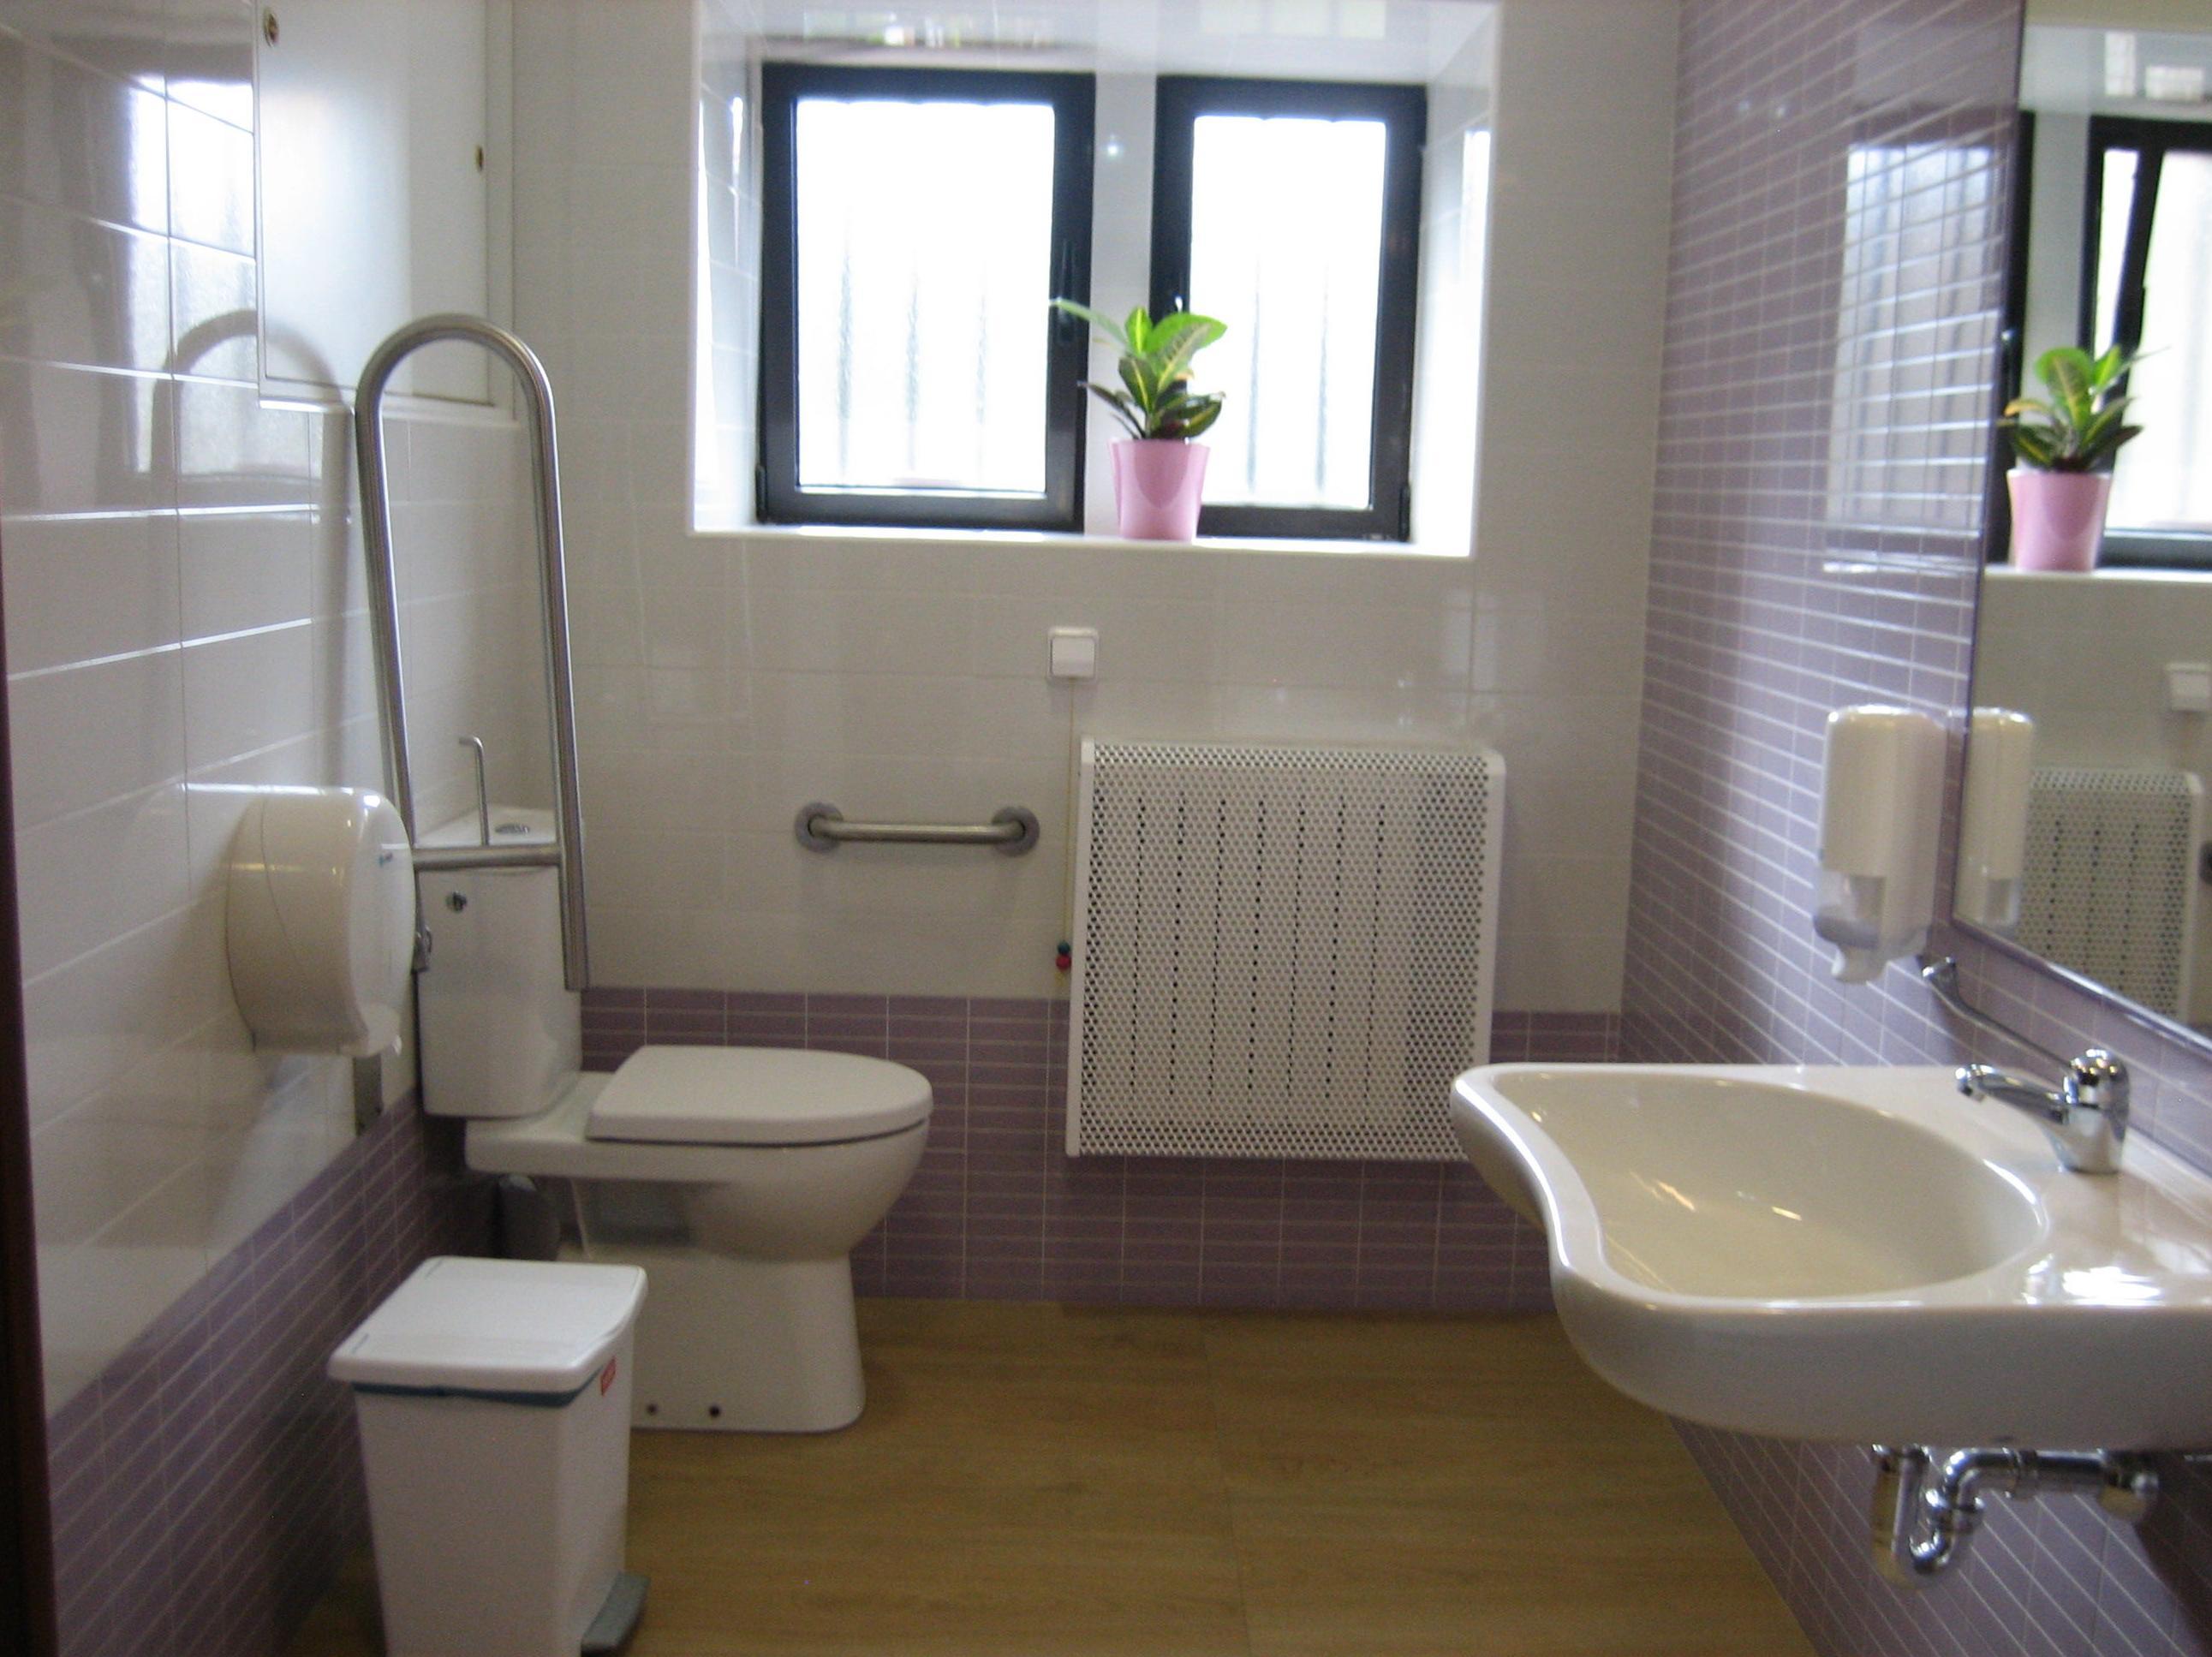 Baños y servicios con las ayudas técnicas necesarias para la seguridad de nuestros residentes